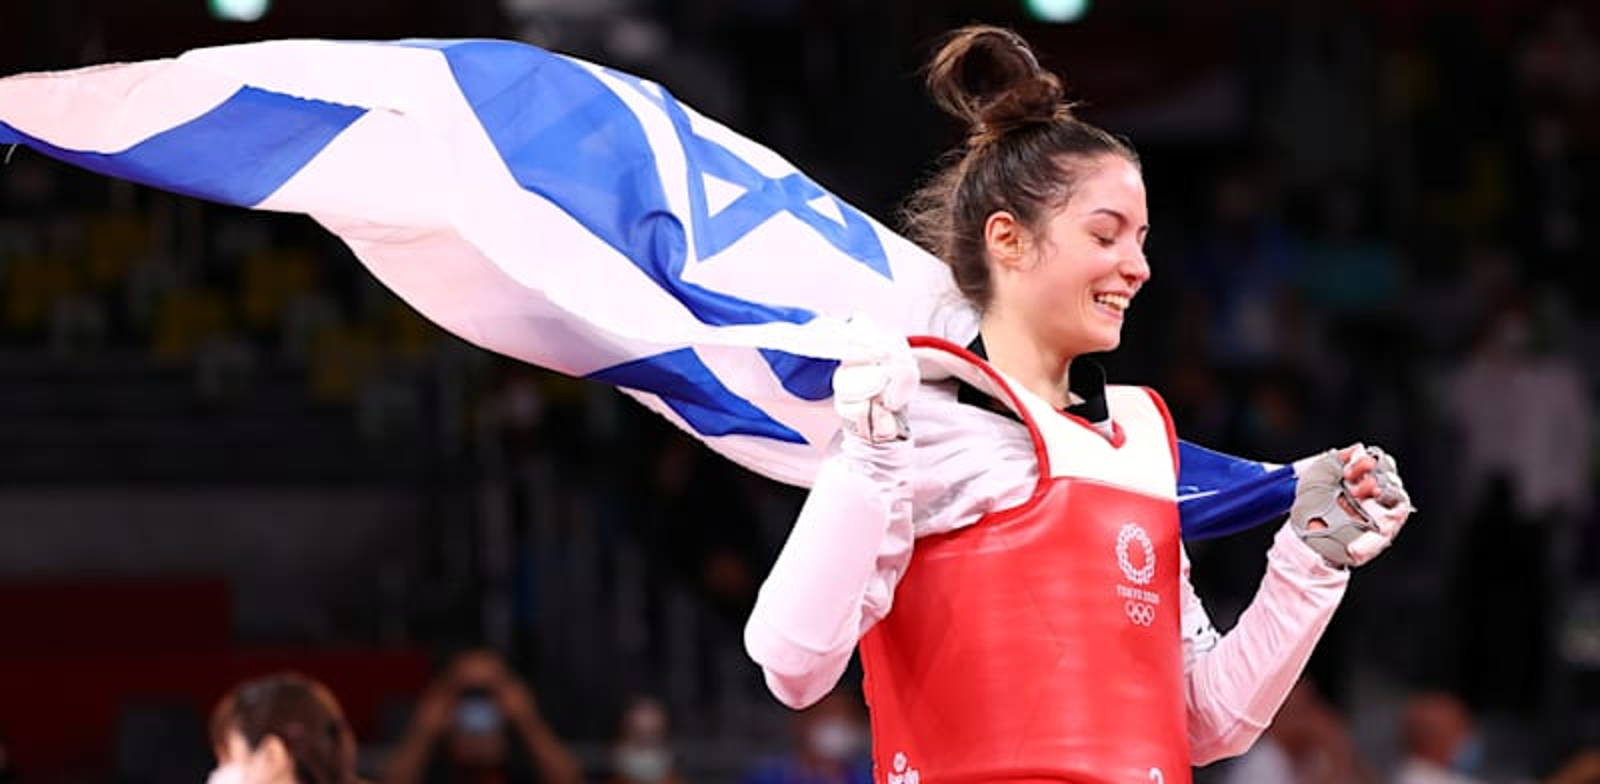 אבישג סמברג עם דגל ישראל לאחר שזכתה במדליית הארד / צילום: Reuters, Murad Sezer